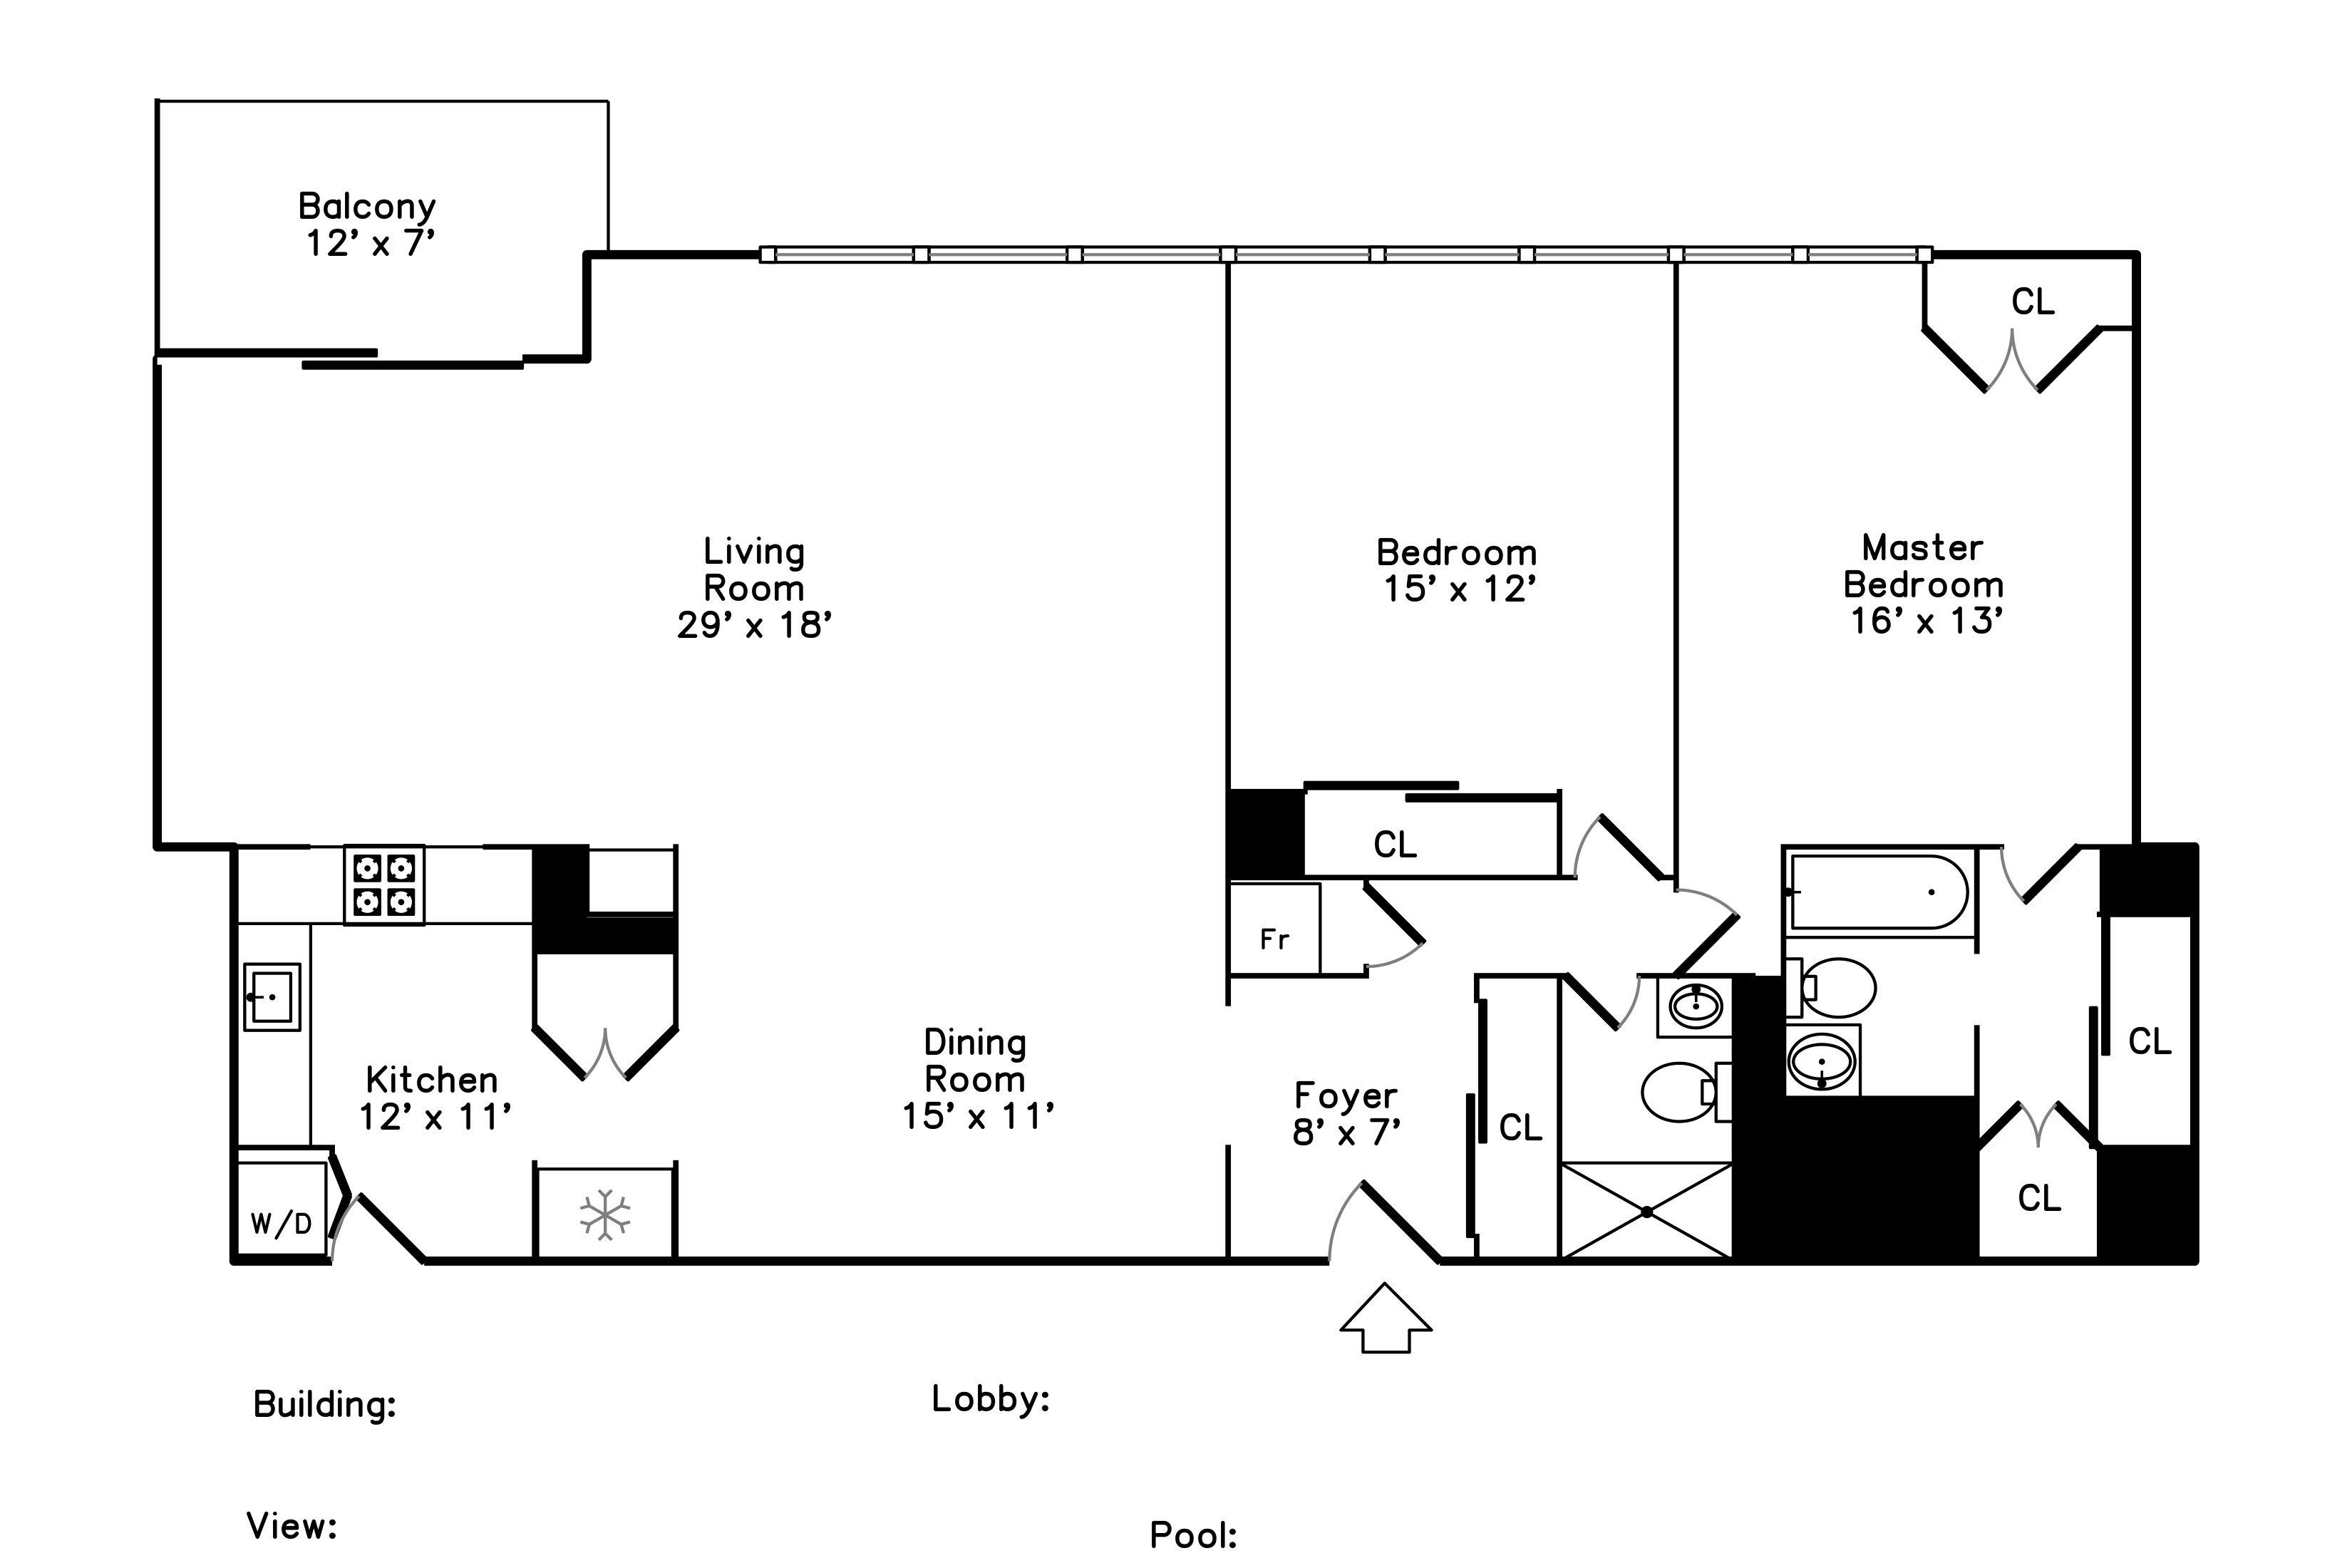 New dining room floor plans light of dining room for G plan dining room unit